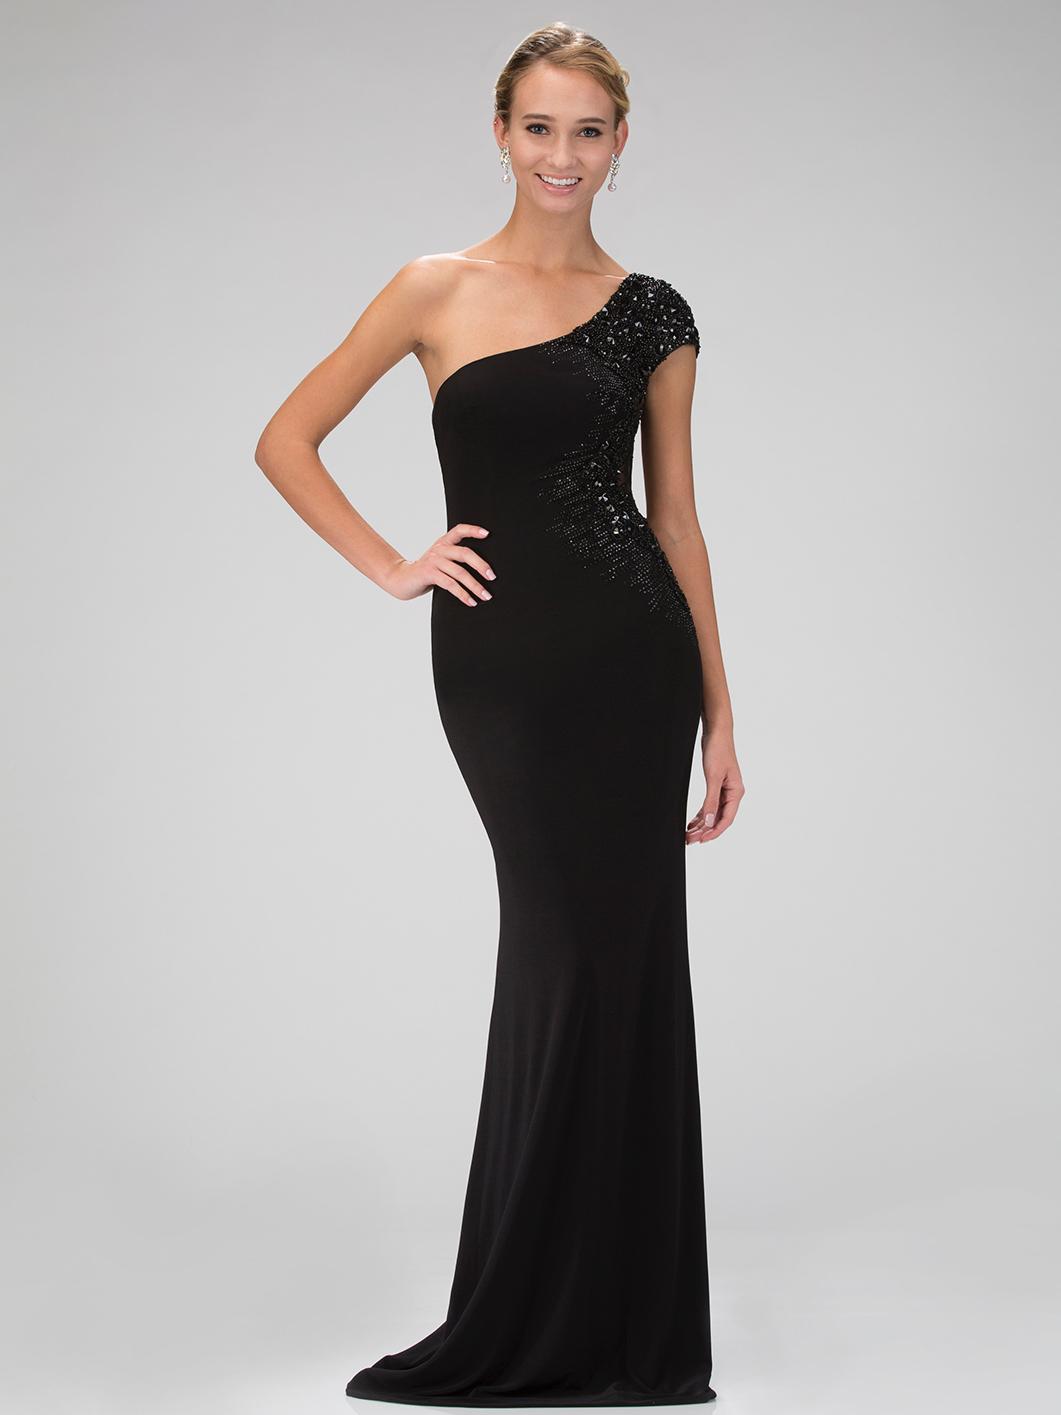 One Shoulder Evening Dress with Sheer Back | Sung Boutique ... One Shoulder Black Prom Dress